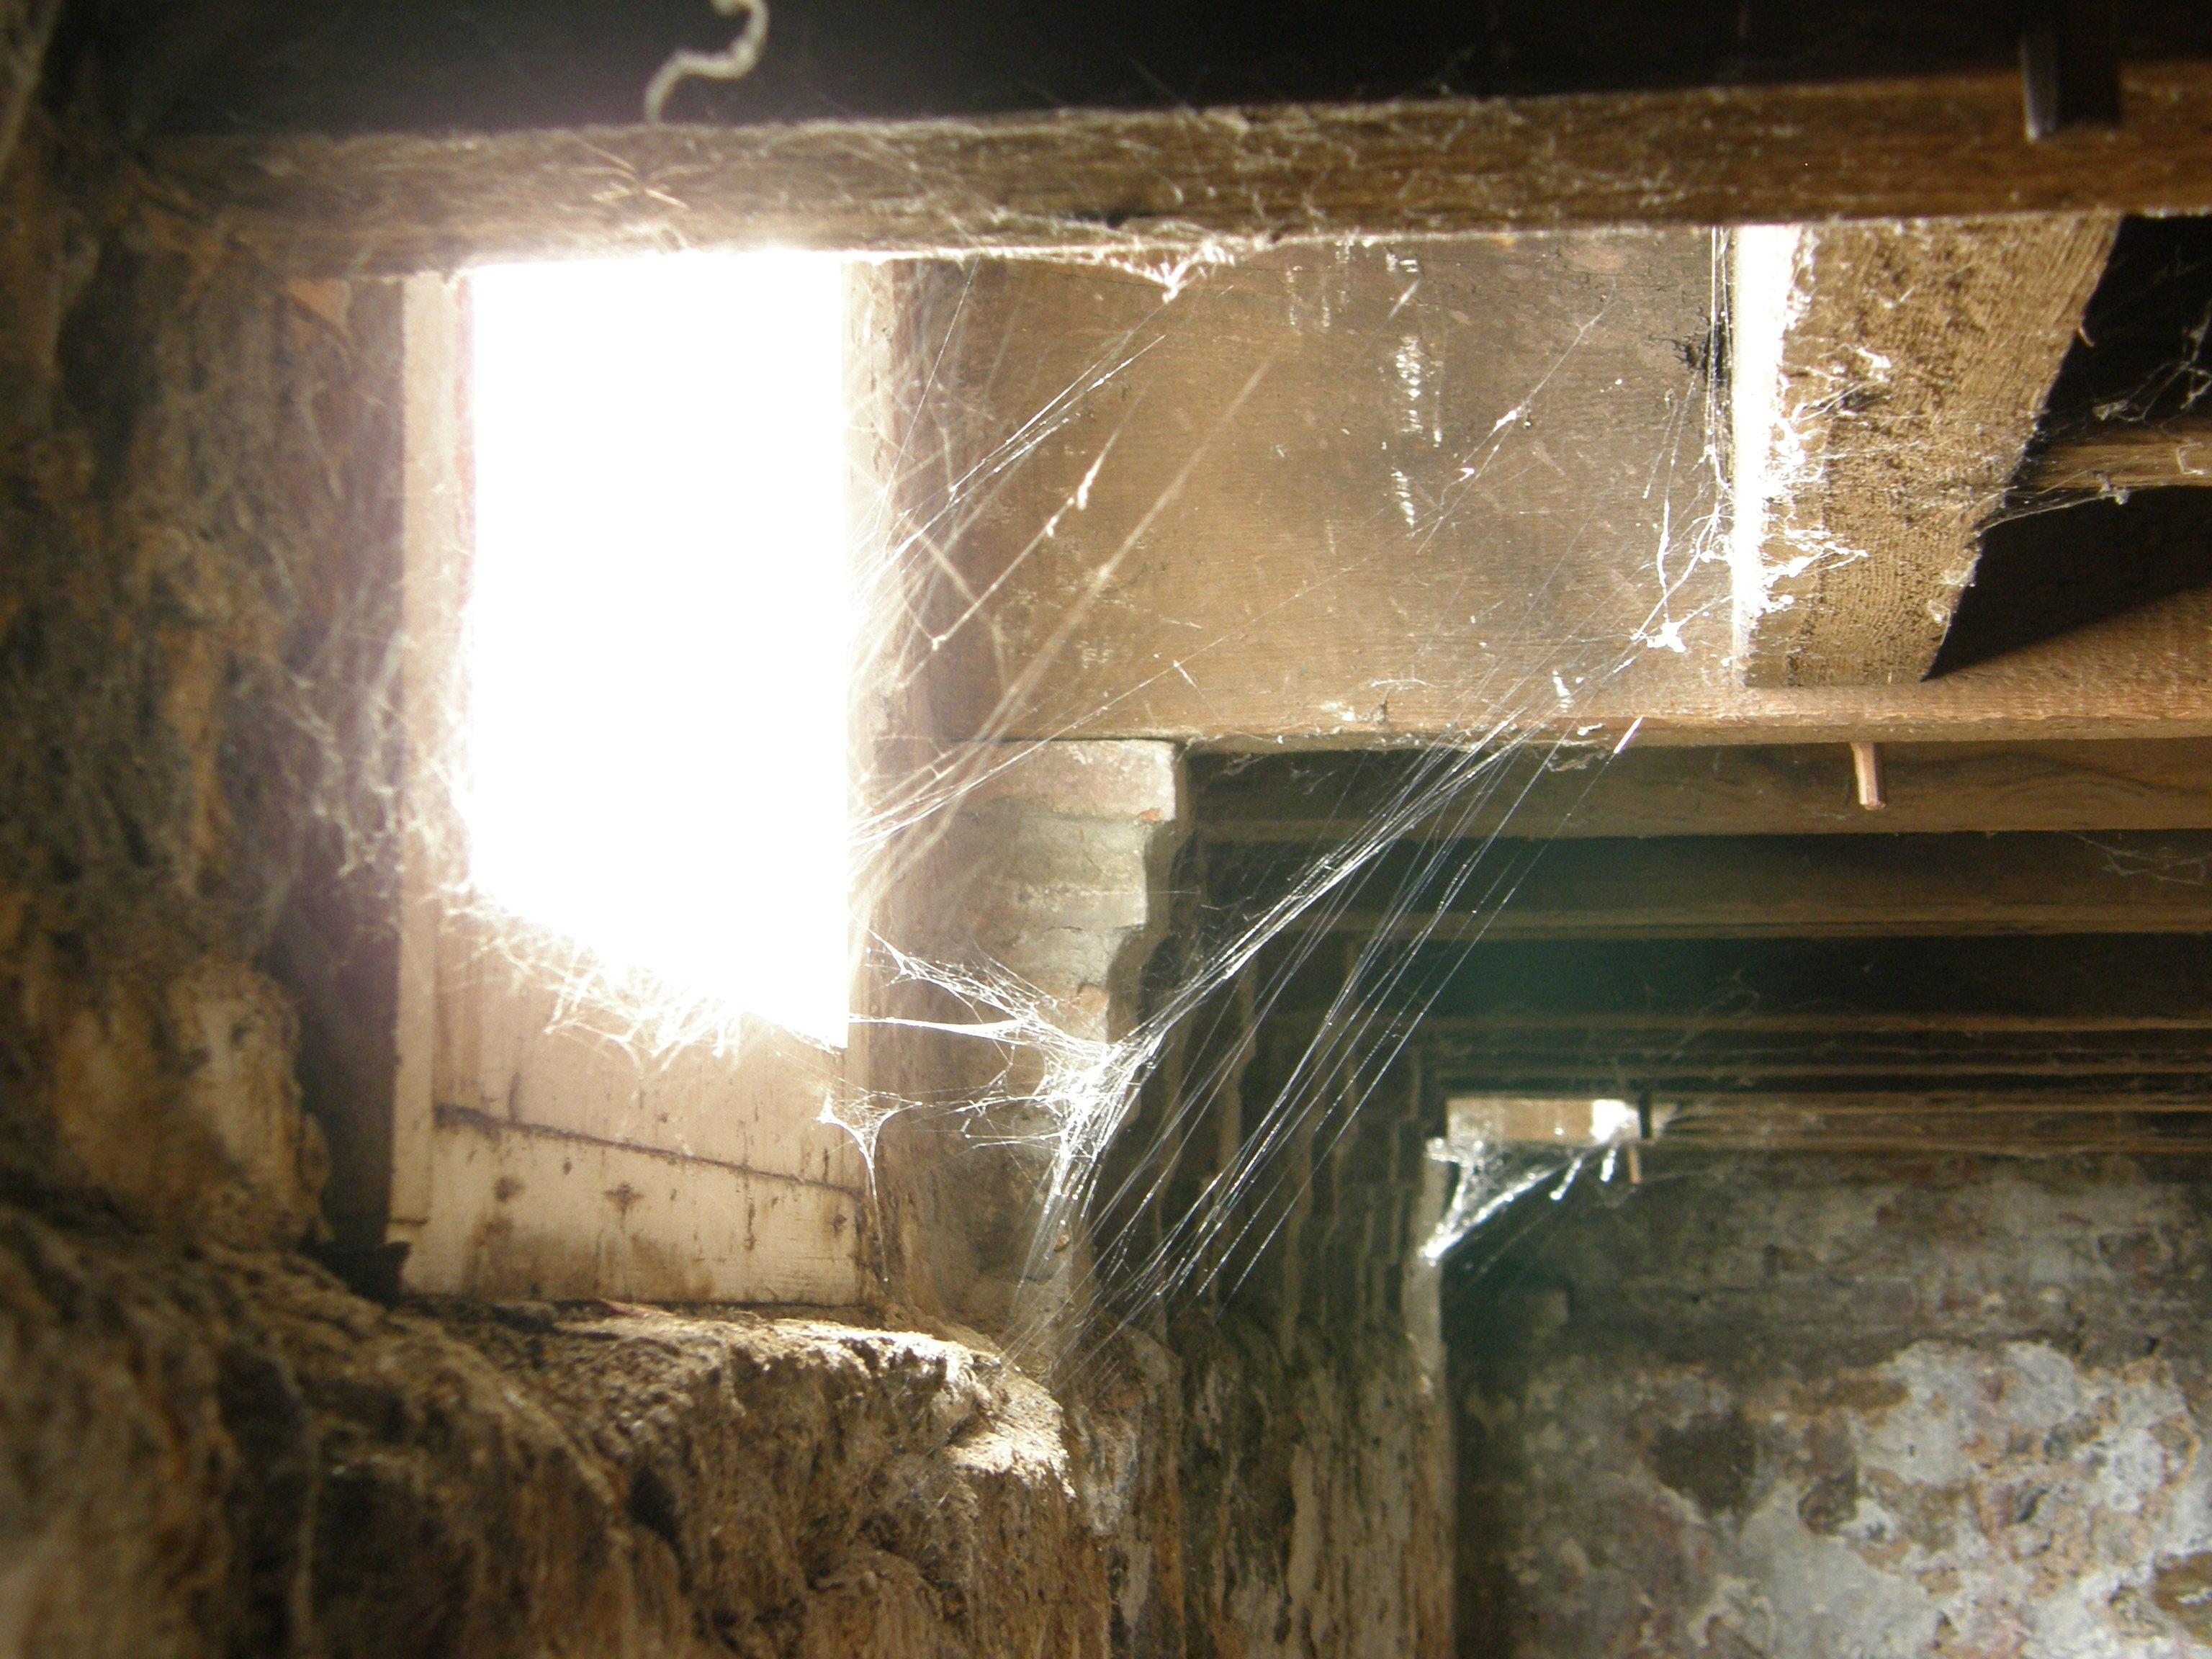 Creepy Spiderwebs In Basement